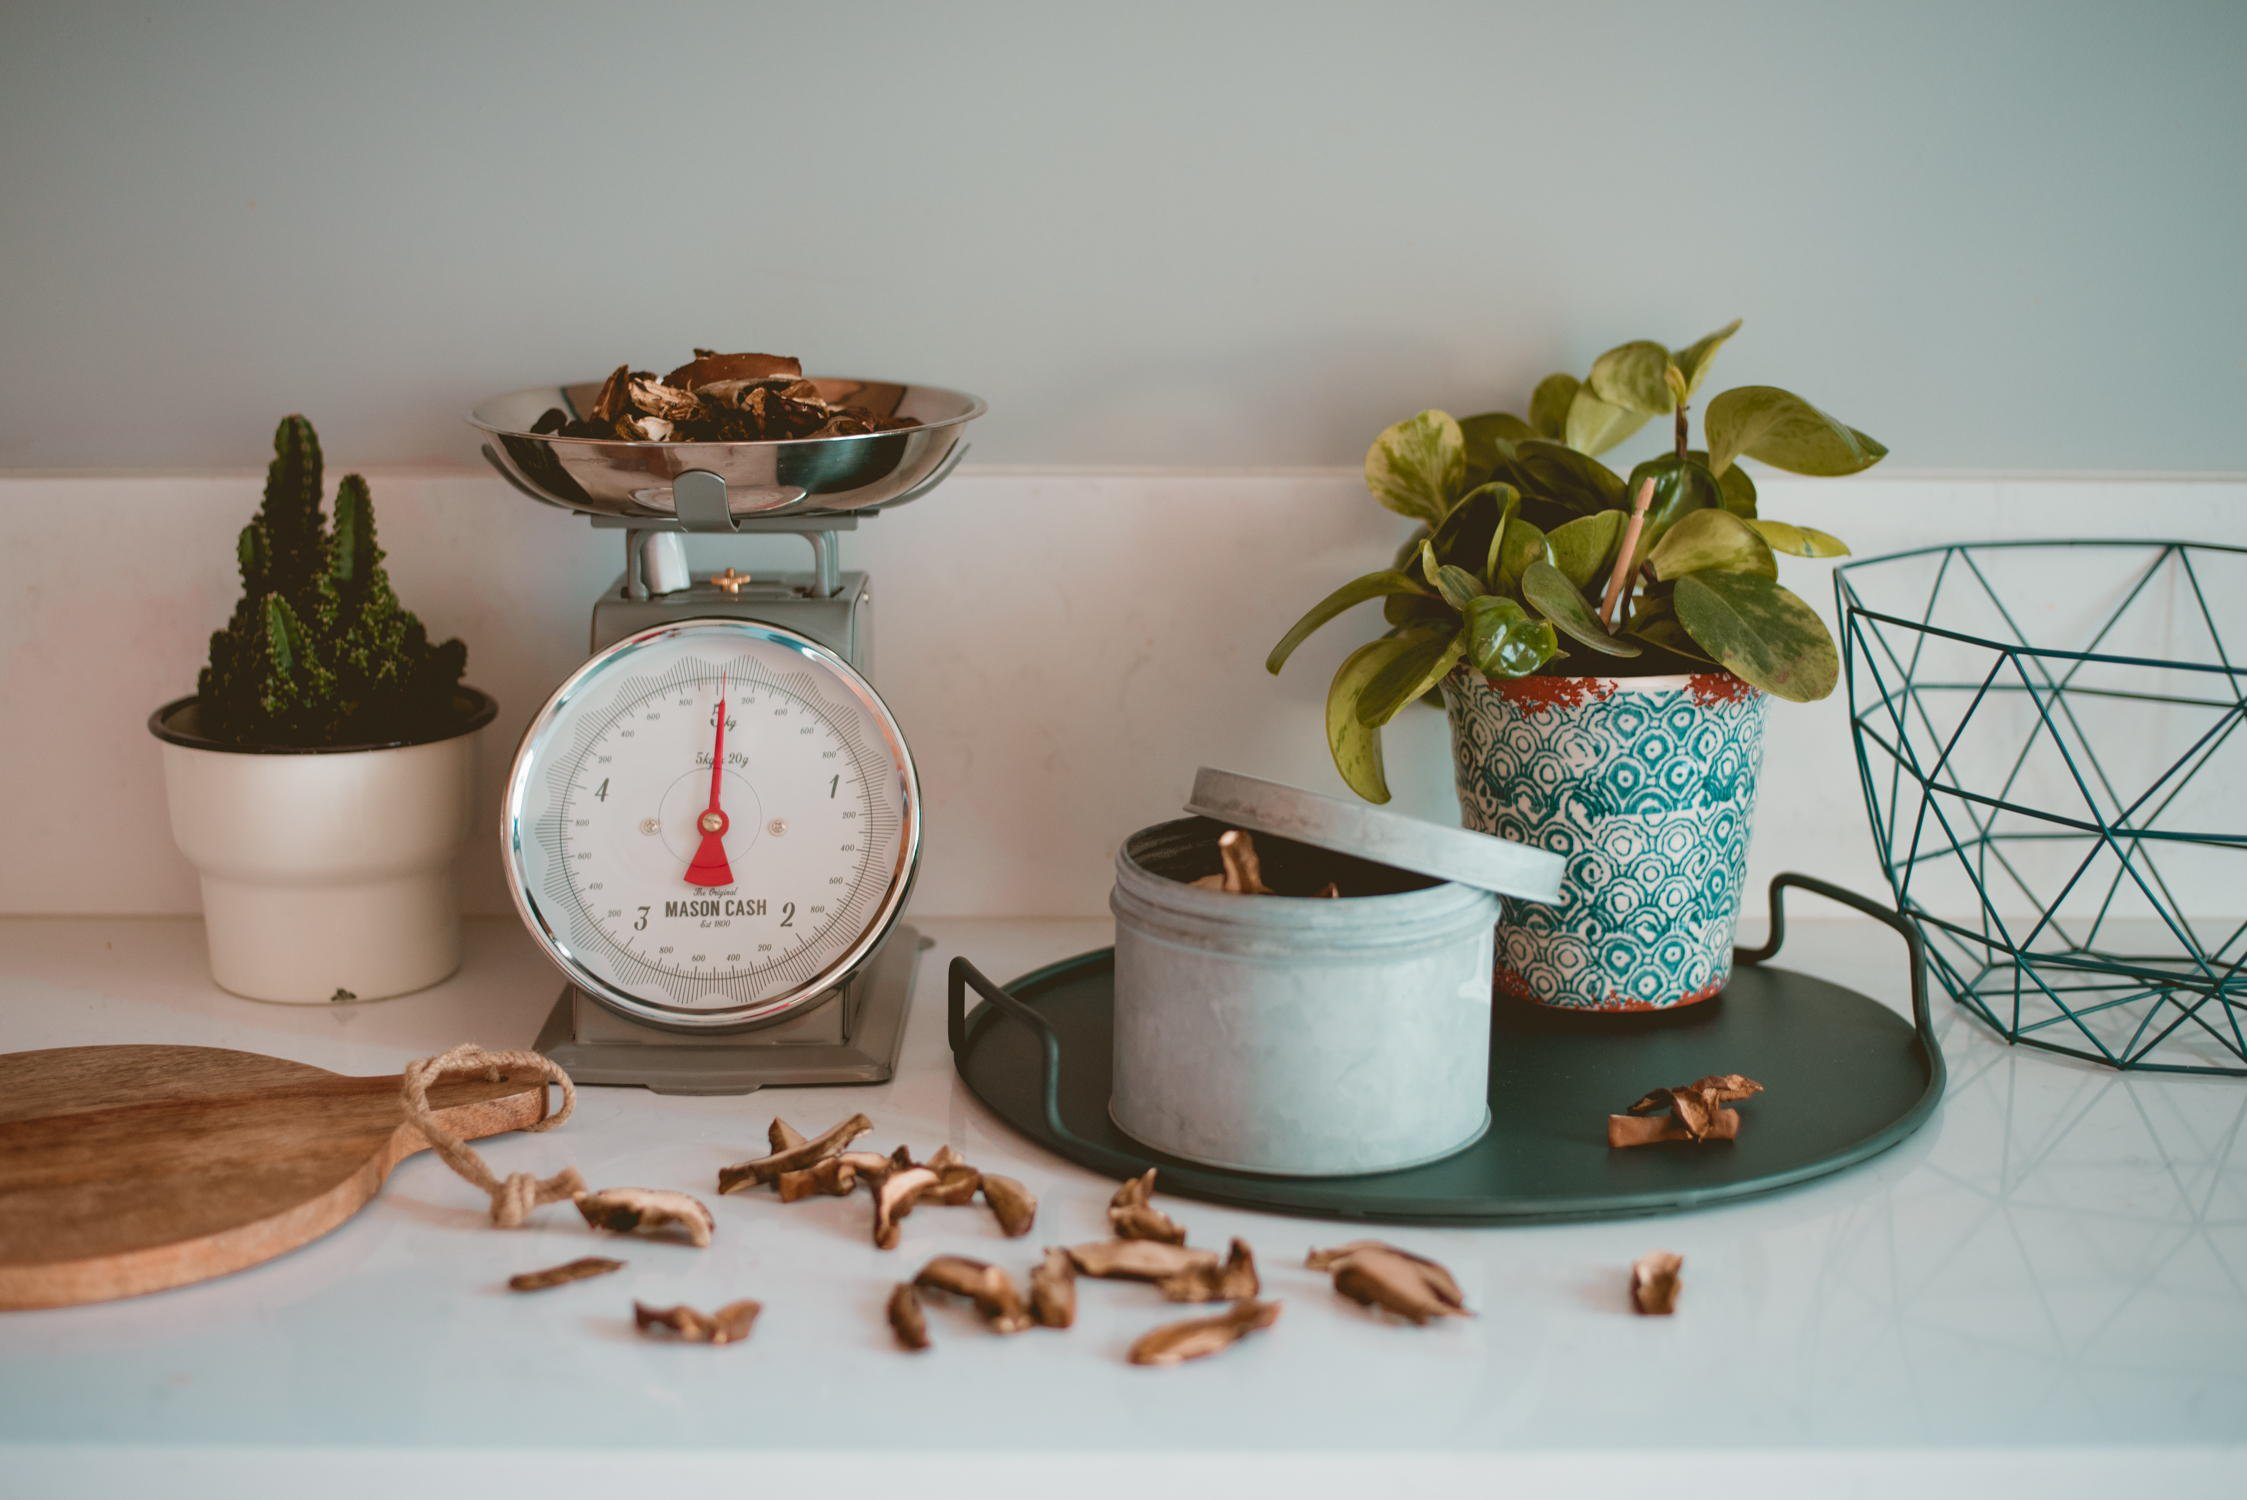 Jak suszyć grzyby w domu oraz jak je przechowywać i wykorzystać?